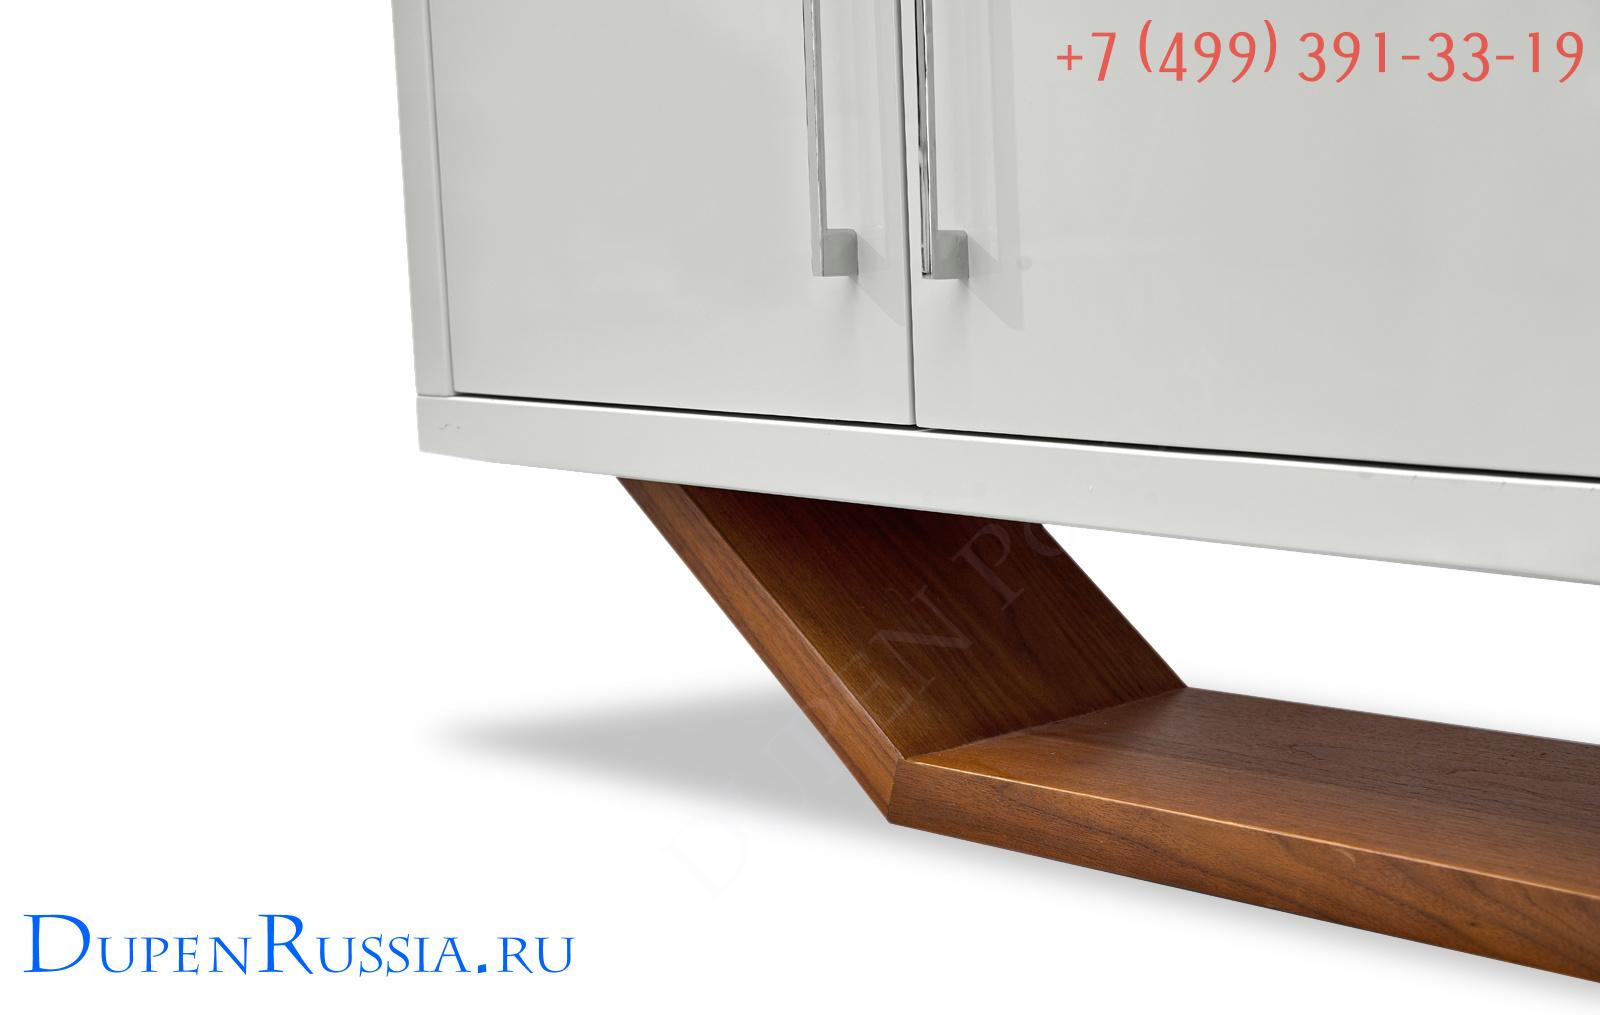 Буфет ESF TG1647 кремовый/орех